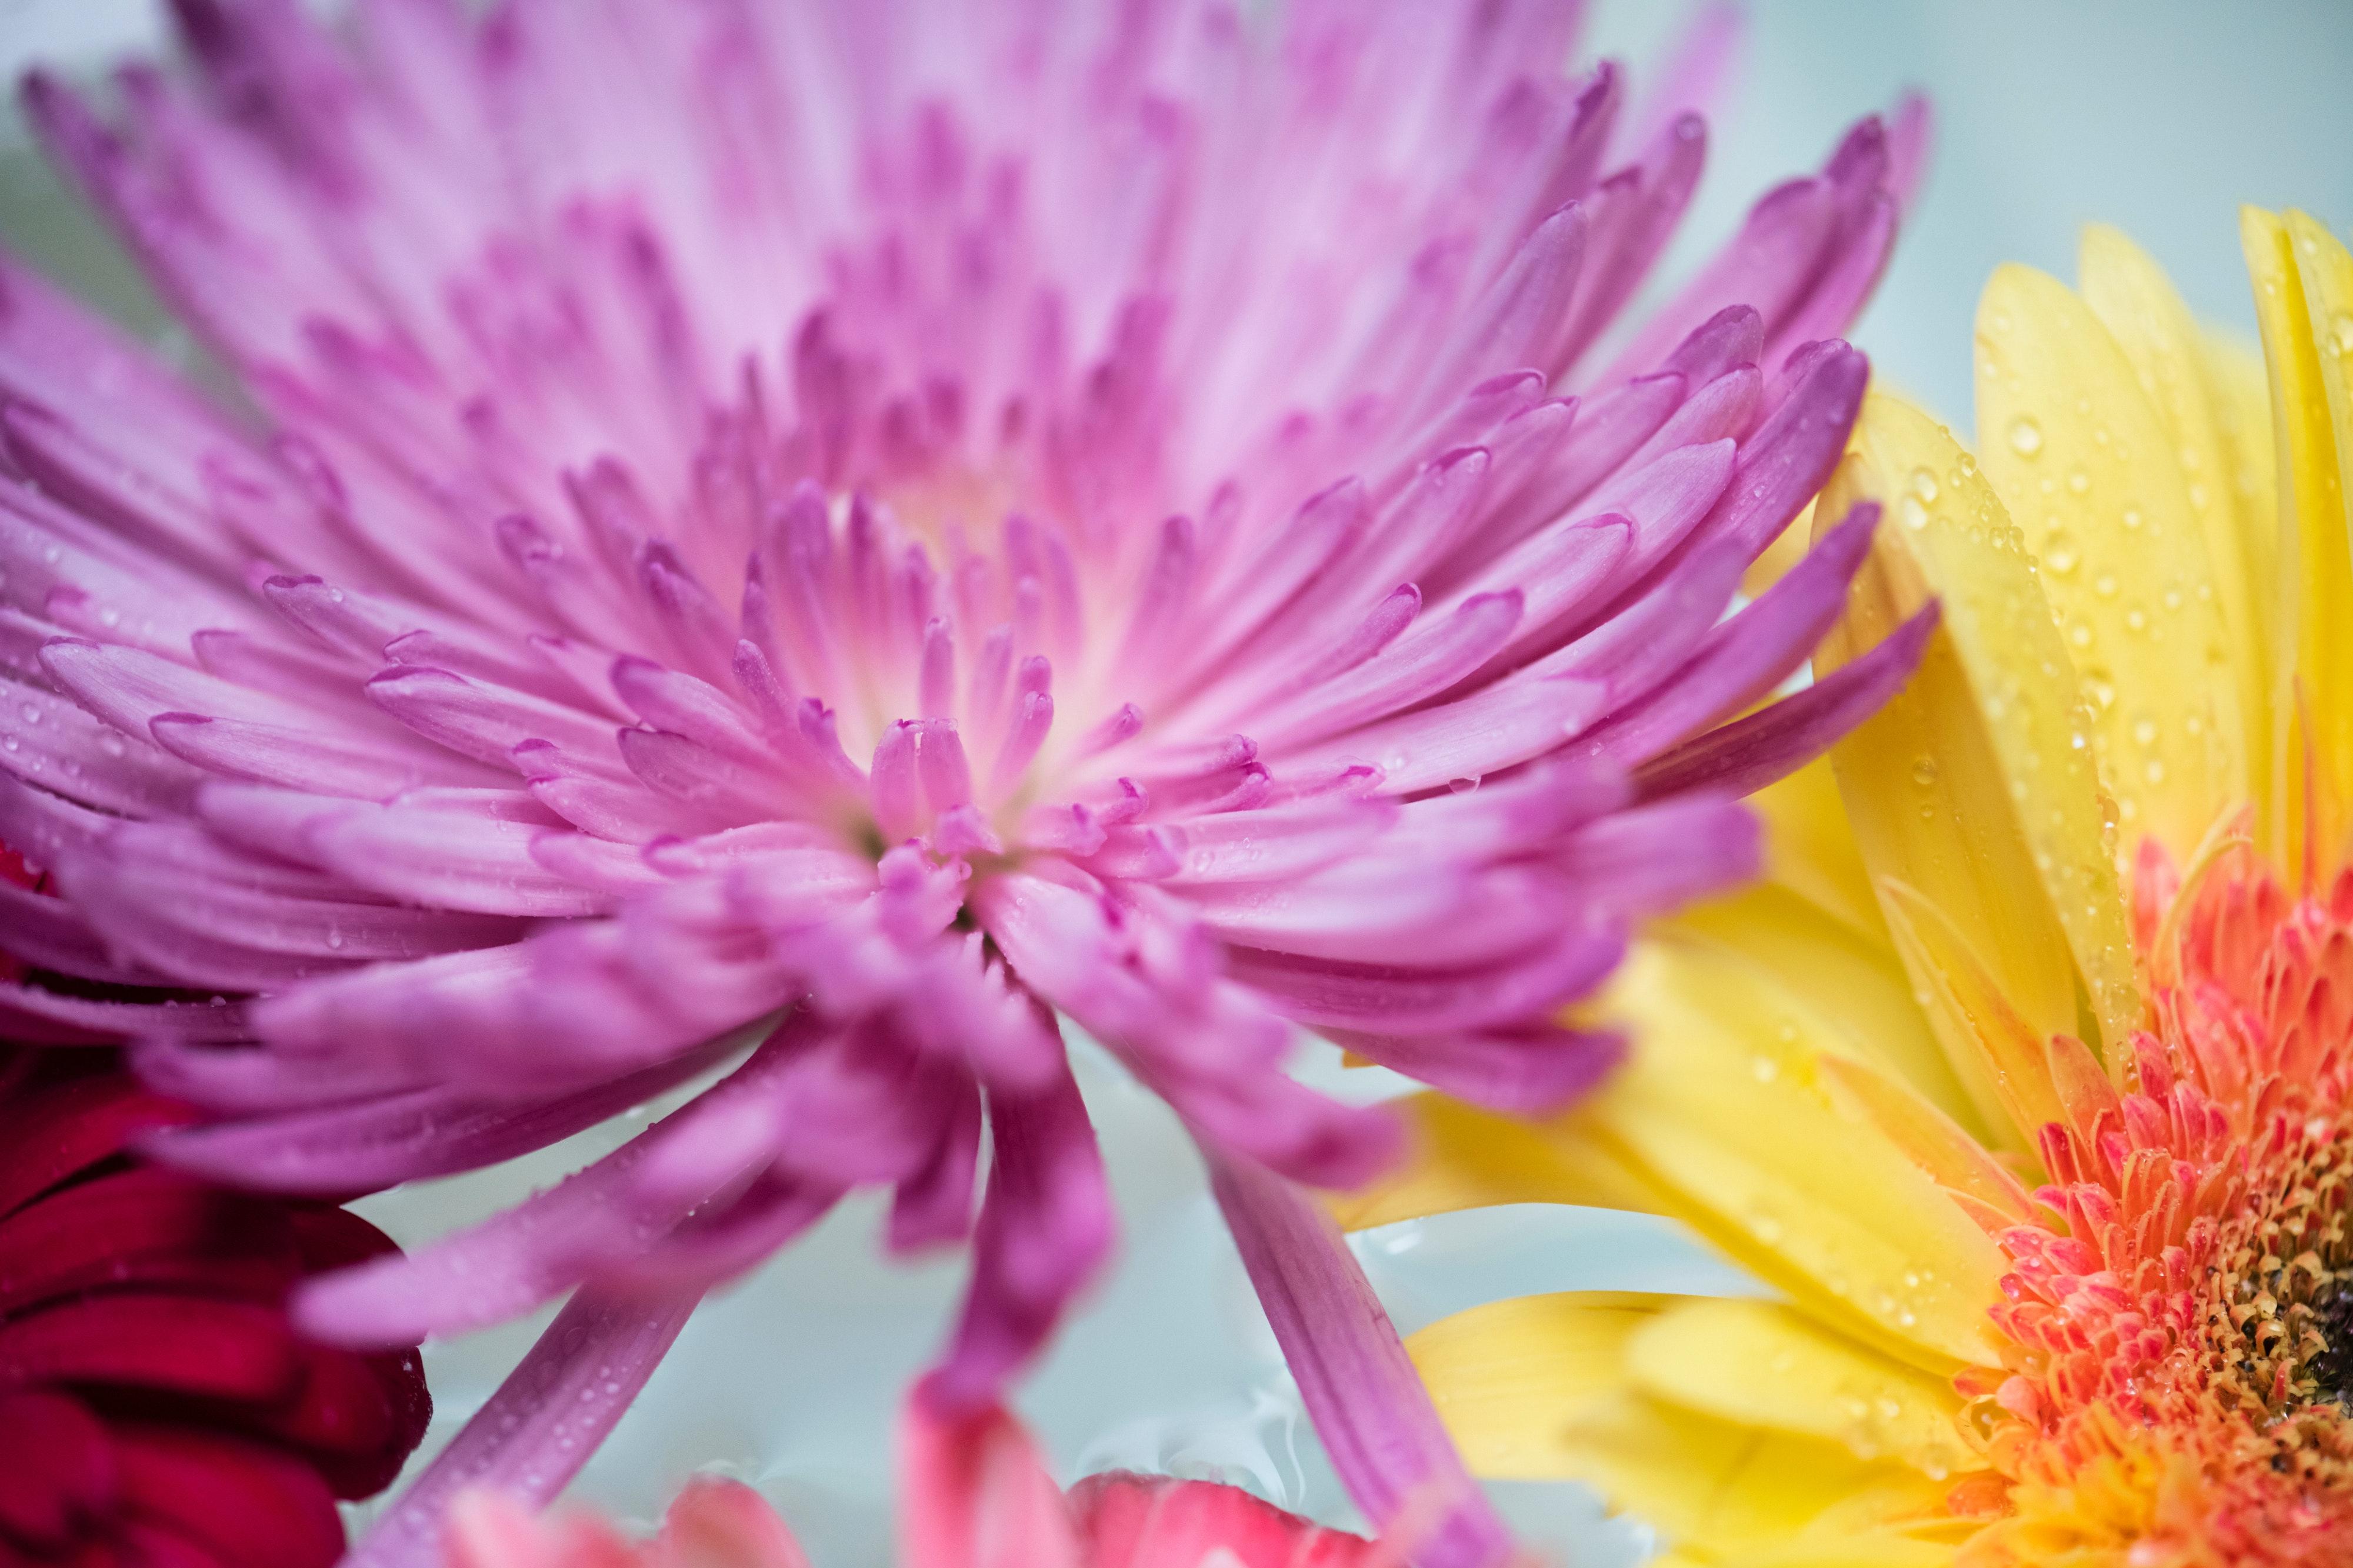 無料画像 4kの壁紙 バックグラウンド 綺麗な 咲く 開花する